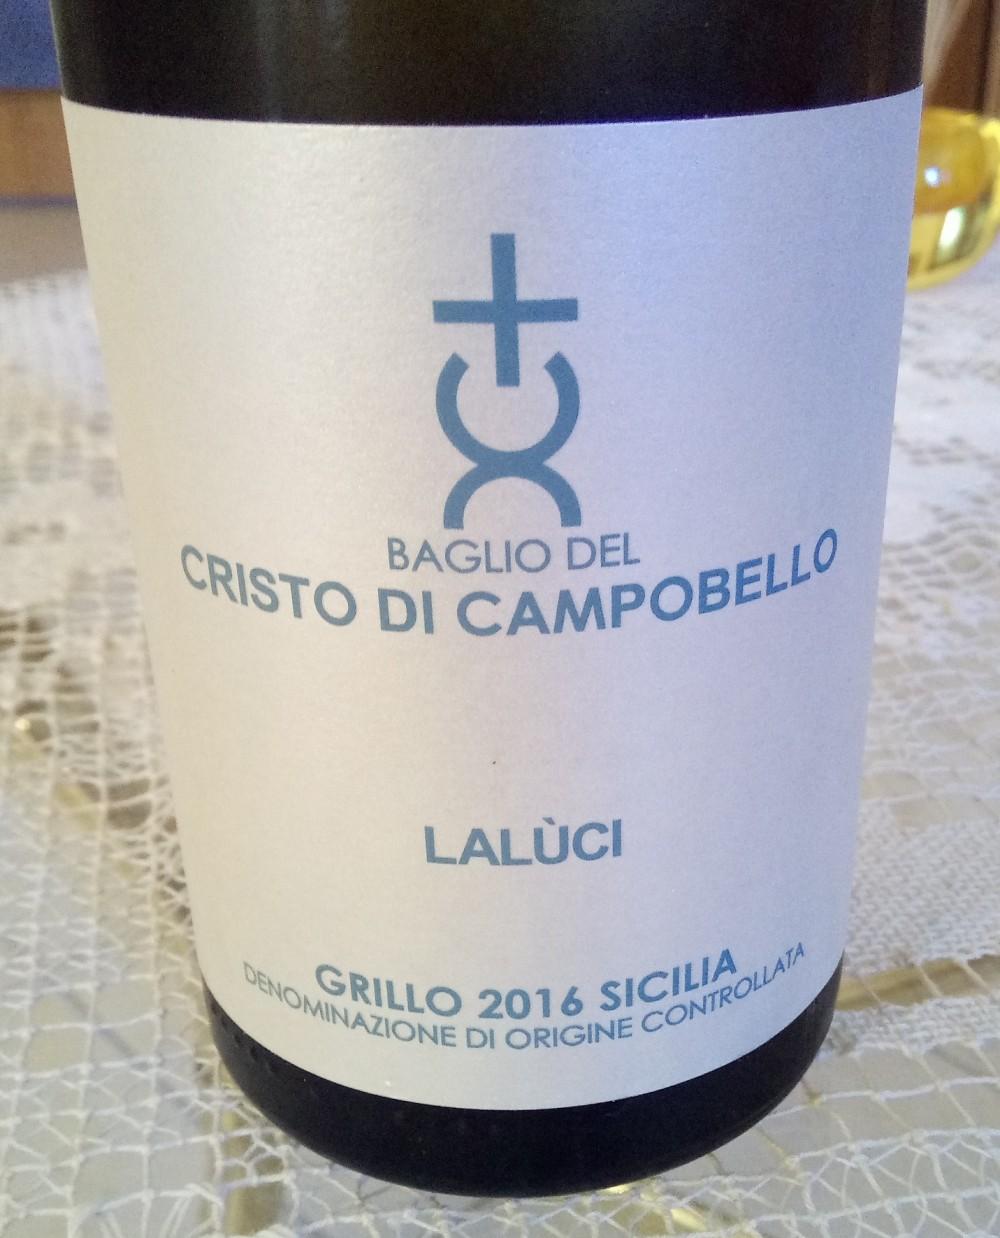 Laluci Grillo Sicilia Doc 2016 Baglio del Cristo di Campobello